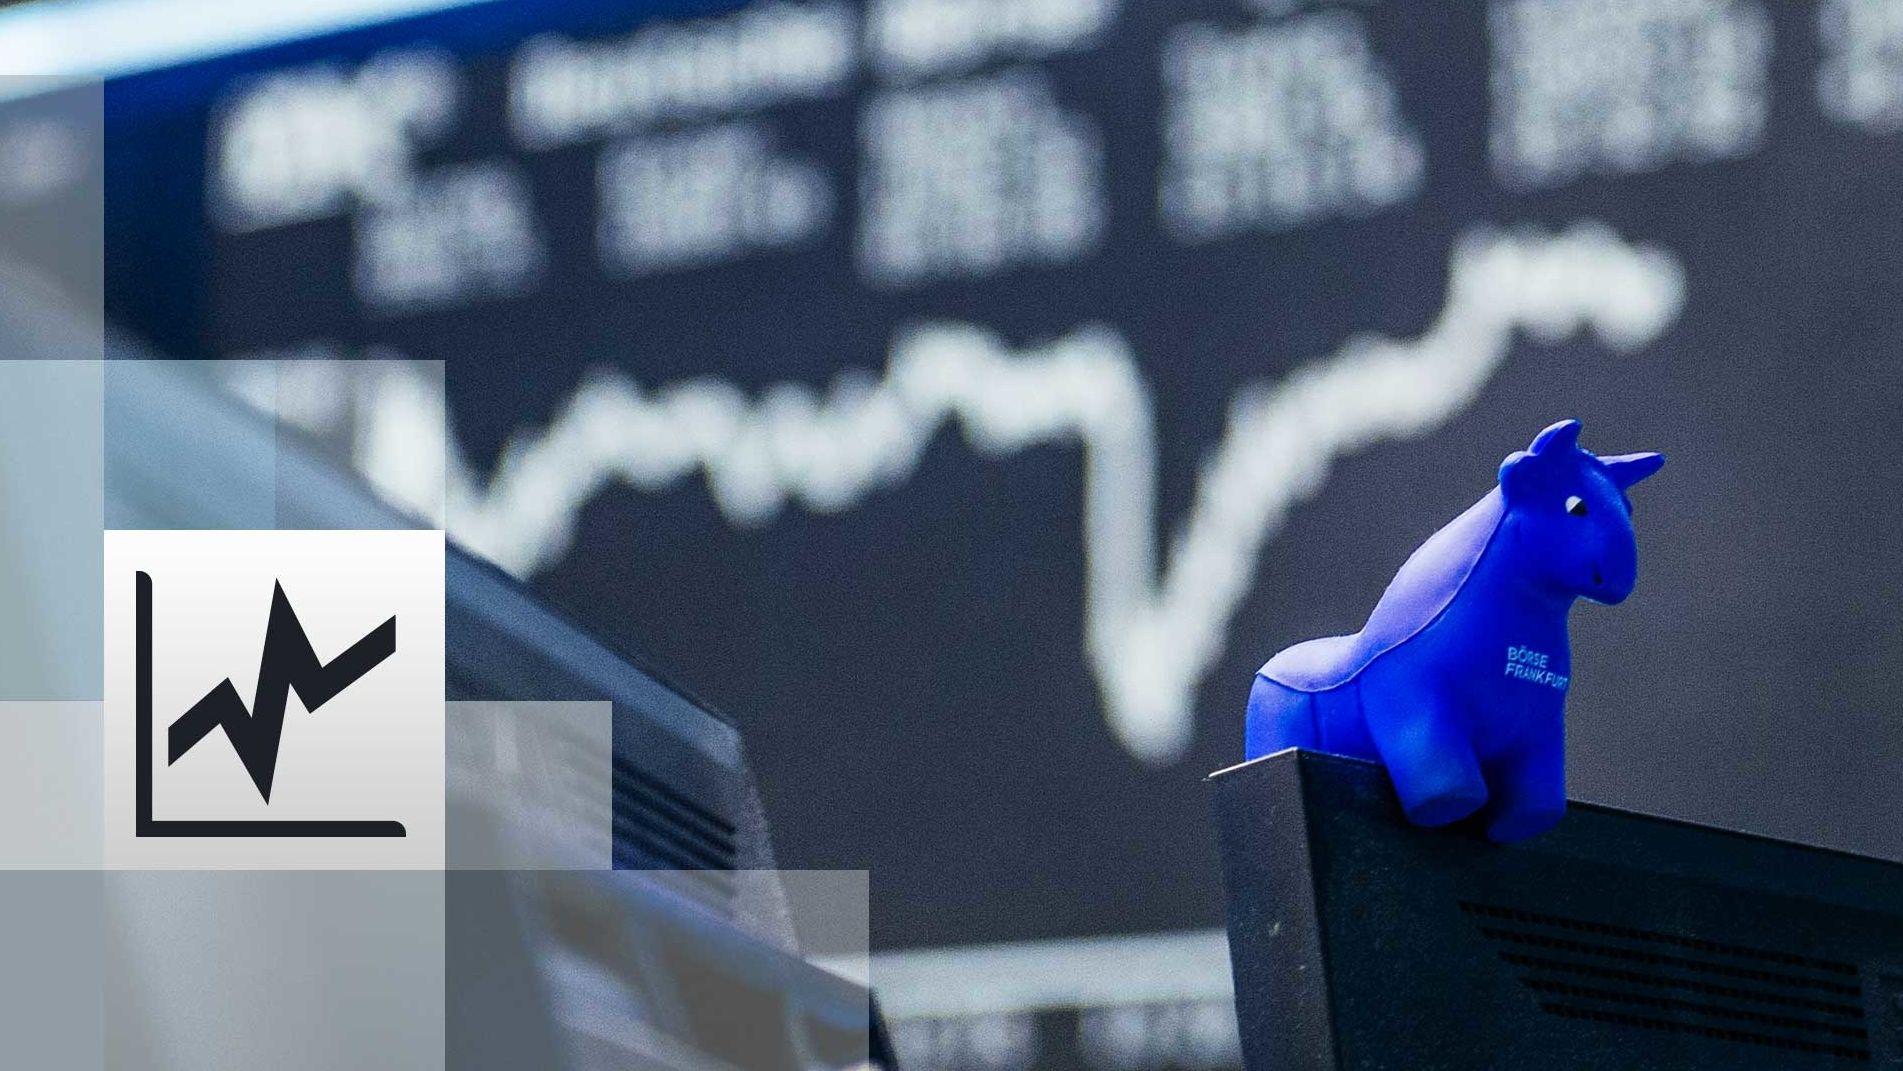 Börse: Reise-Aktien treiben DAX an